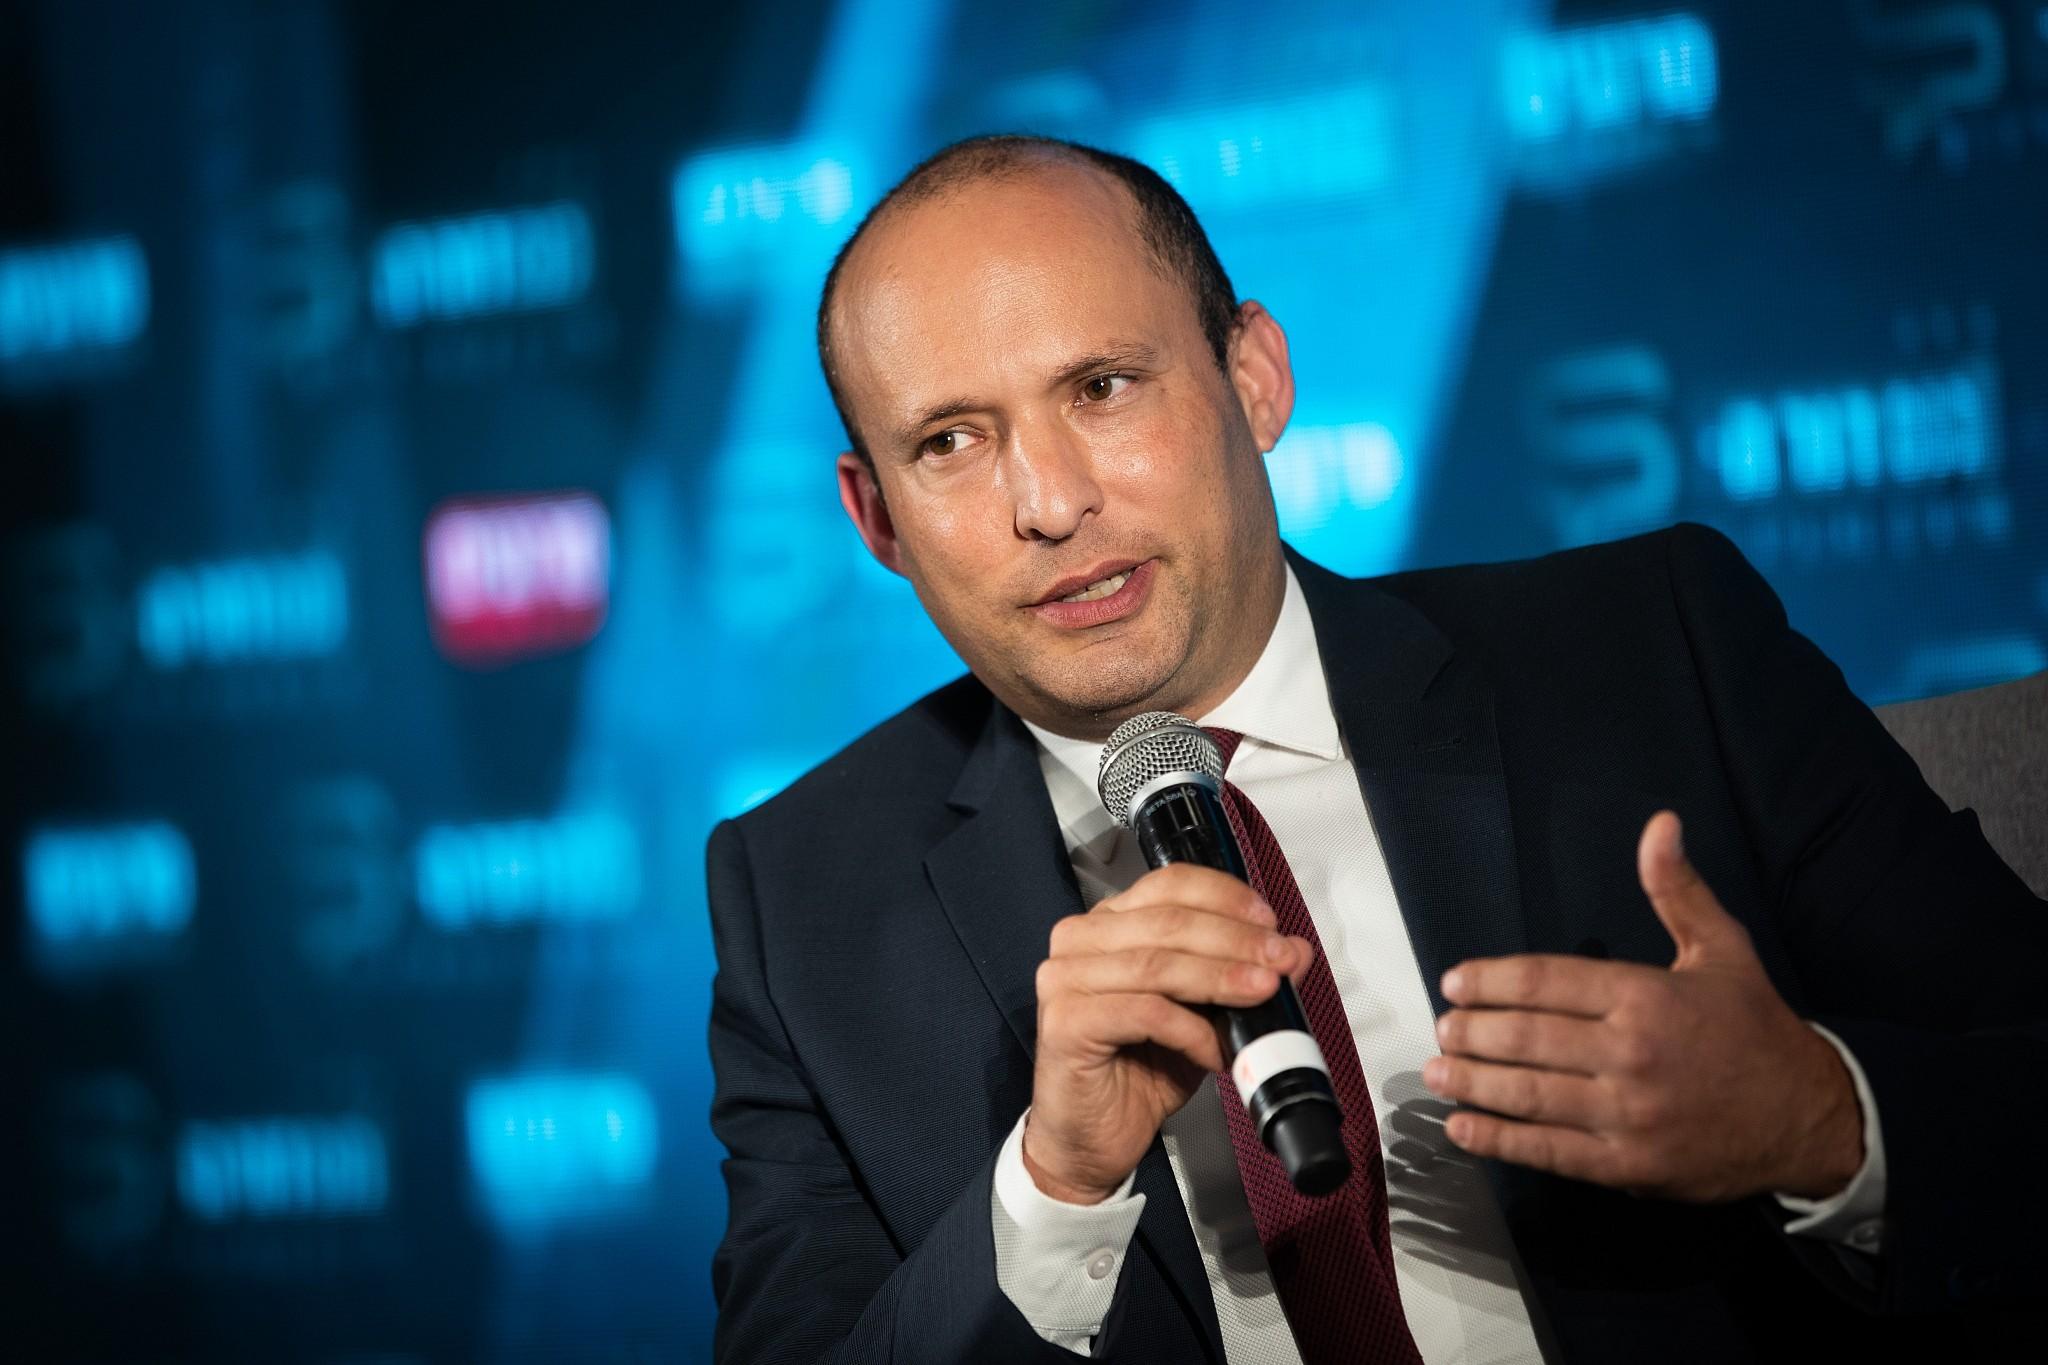 Lapid: Amíg Bennett a miniszterelnök, nem lesz palesztin állam